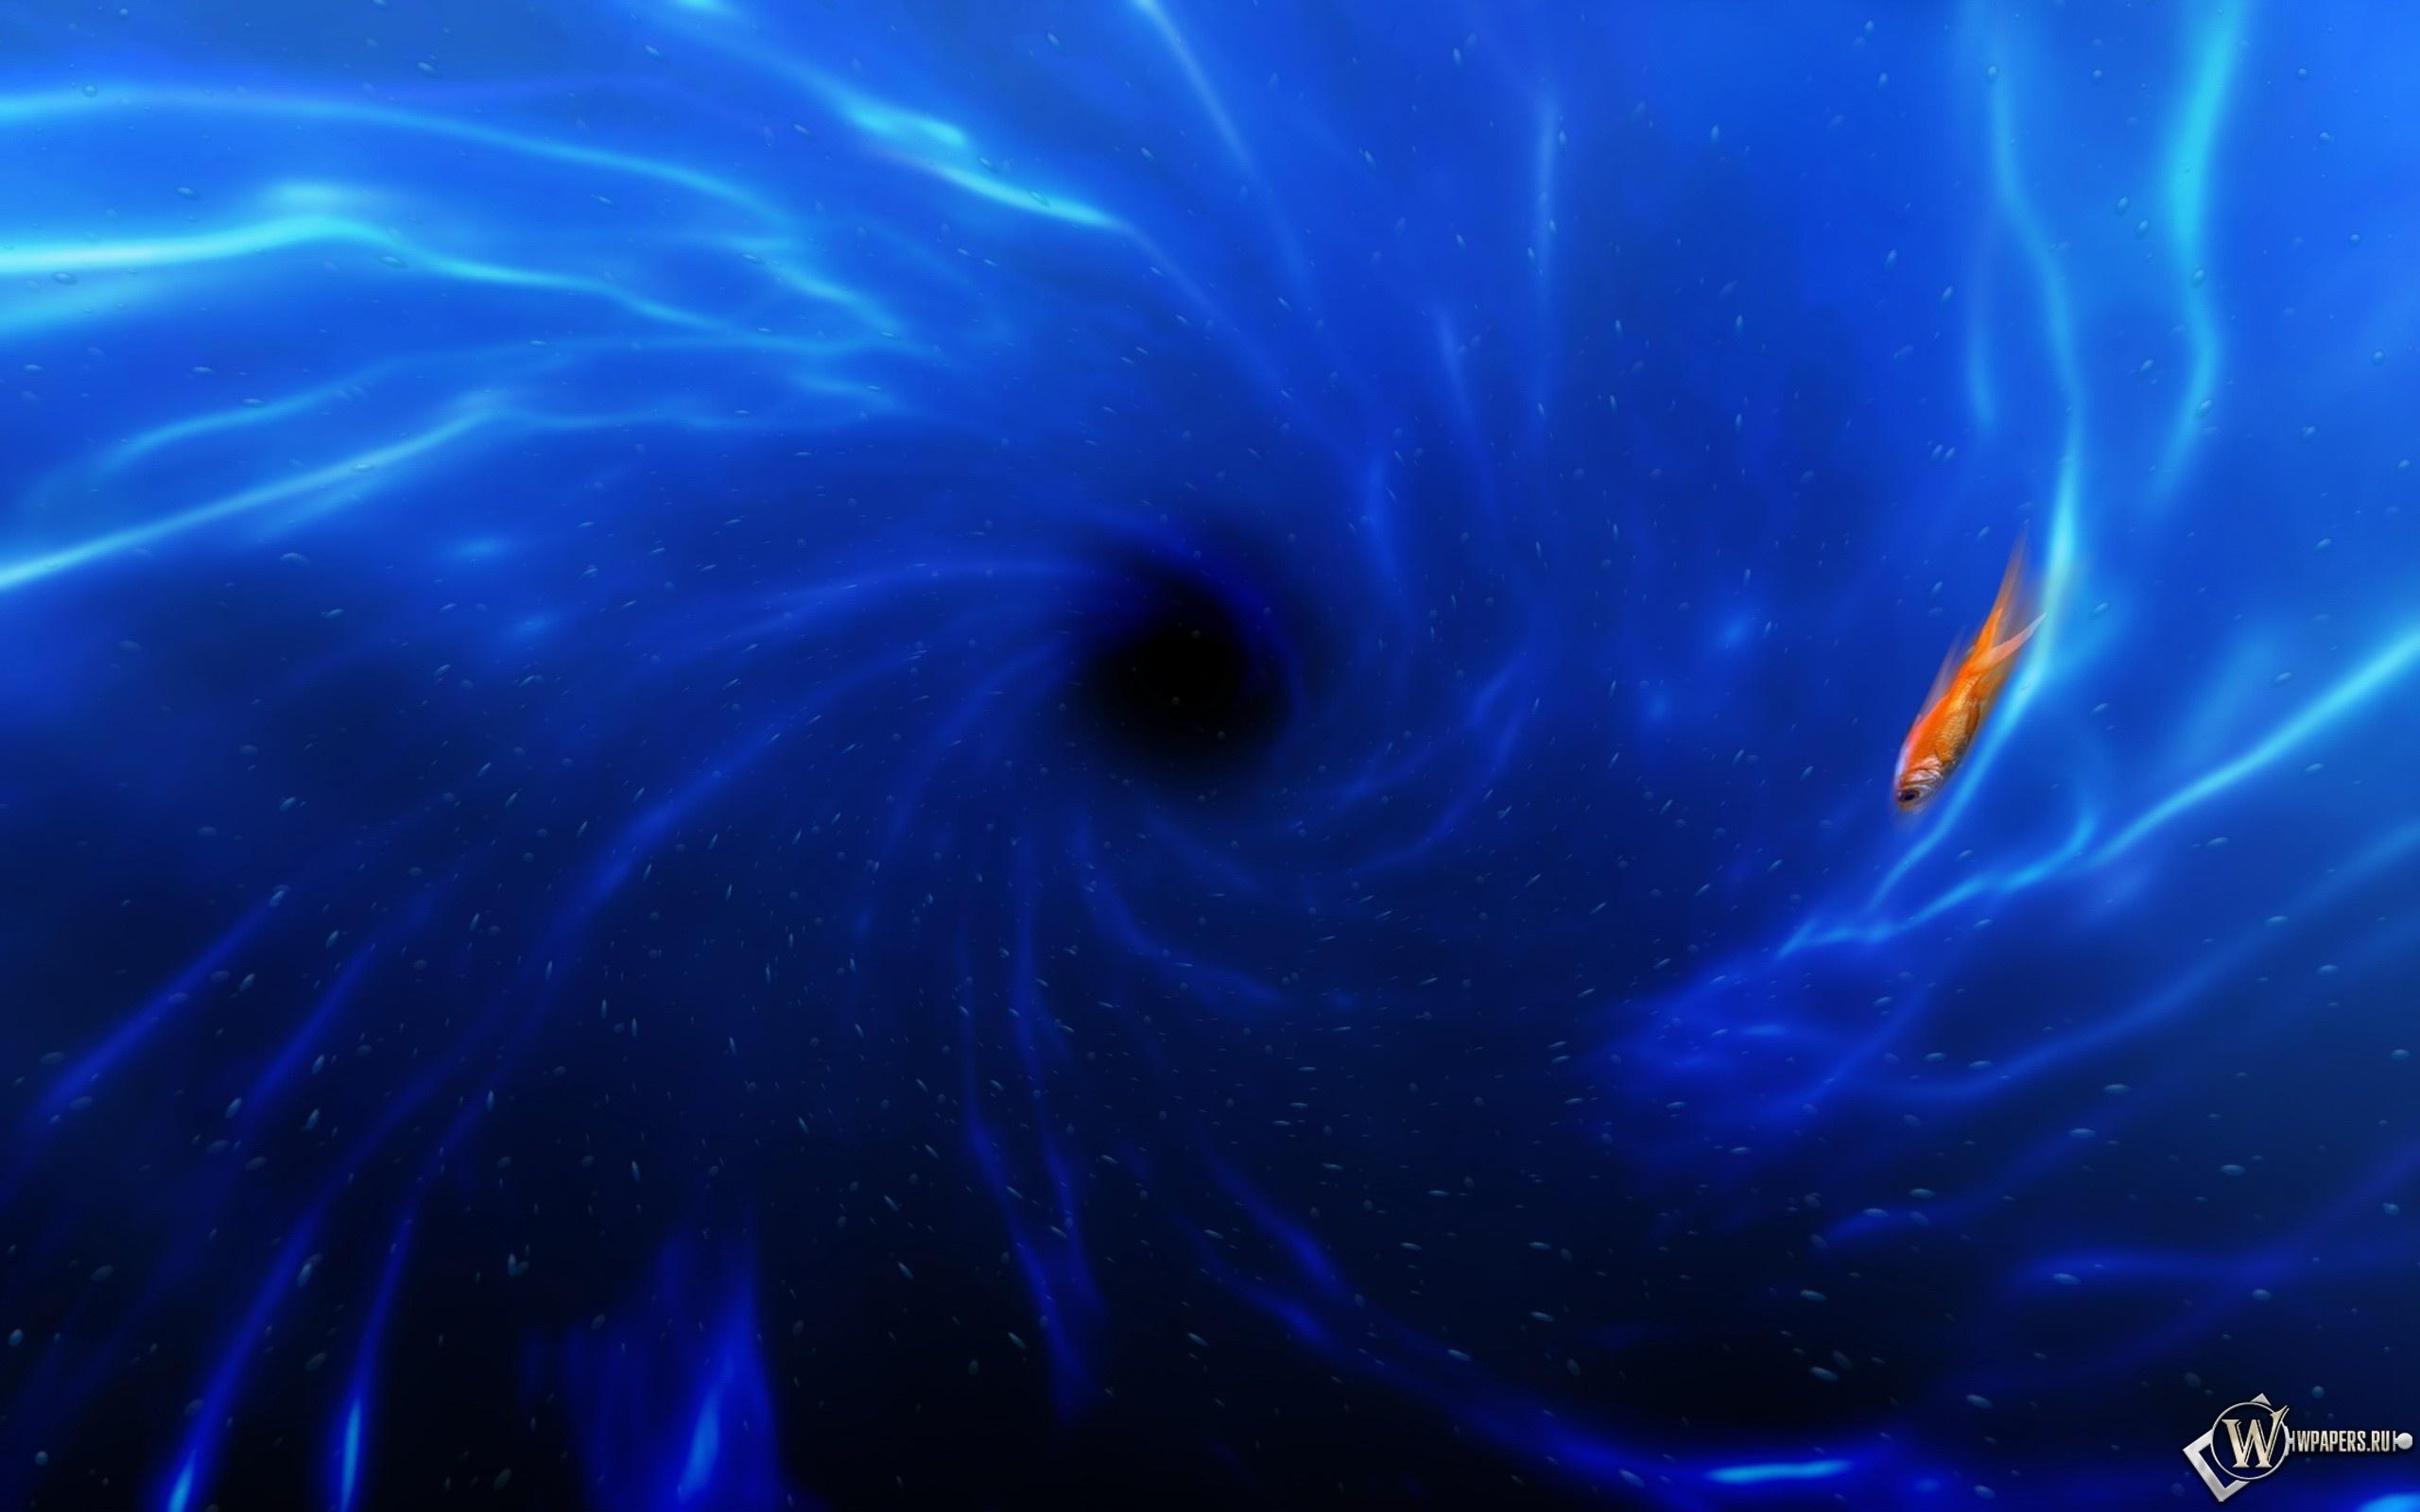 Синий водоворот 2560x1600